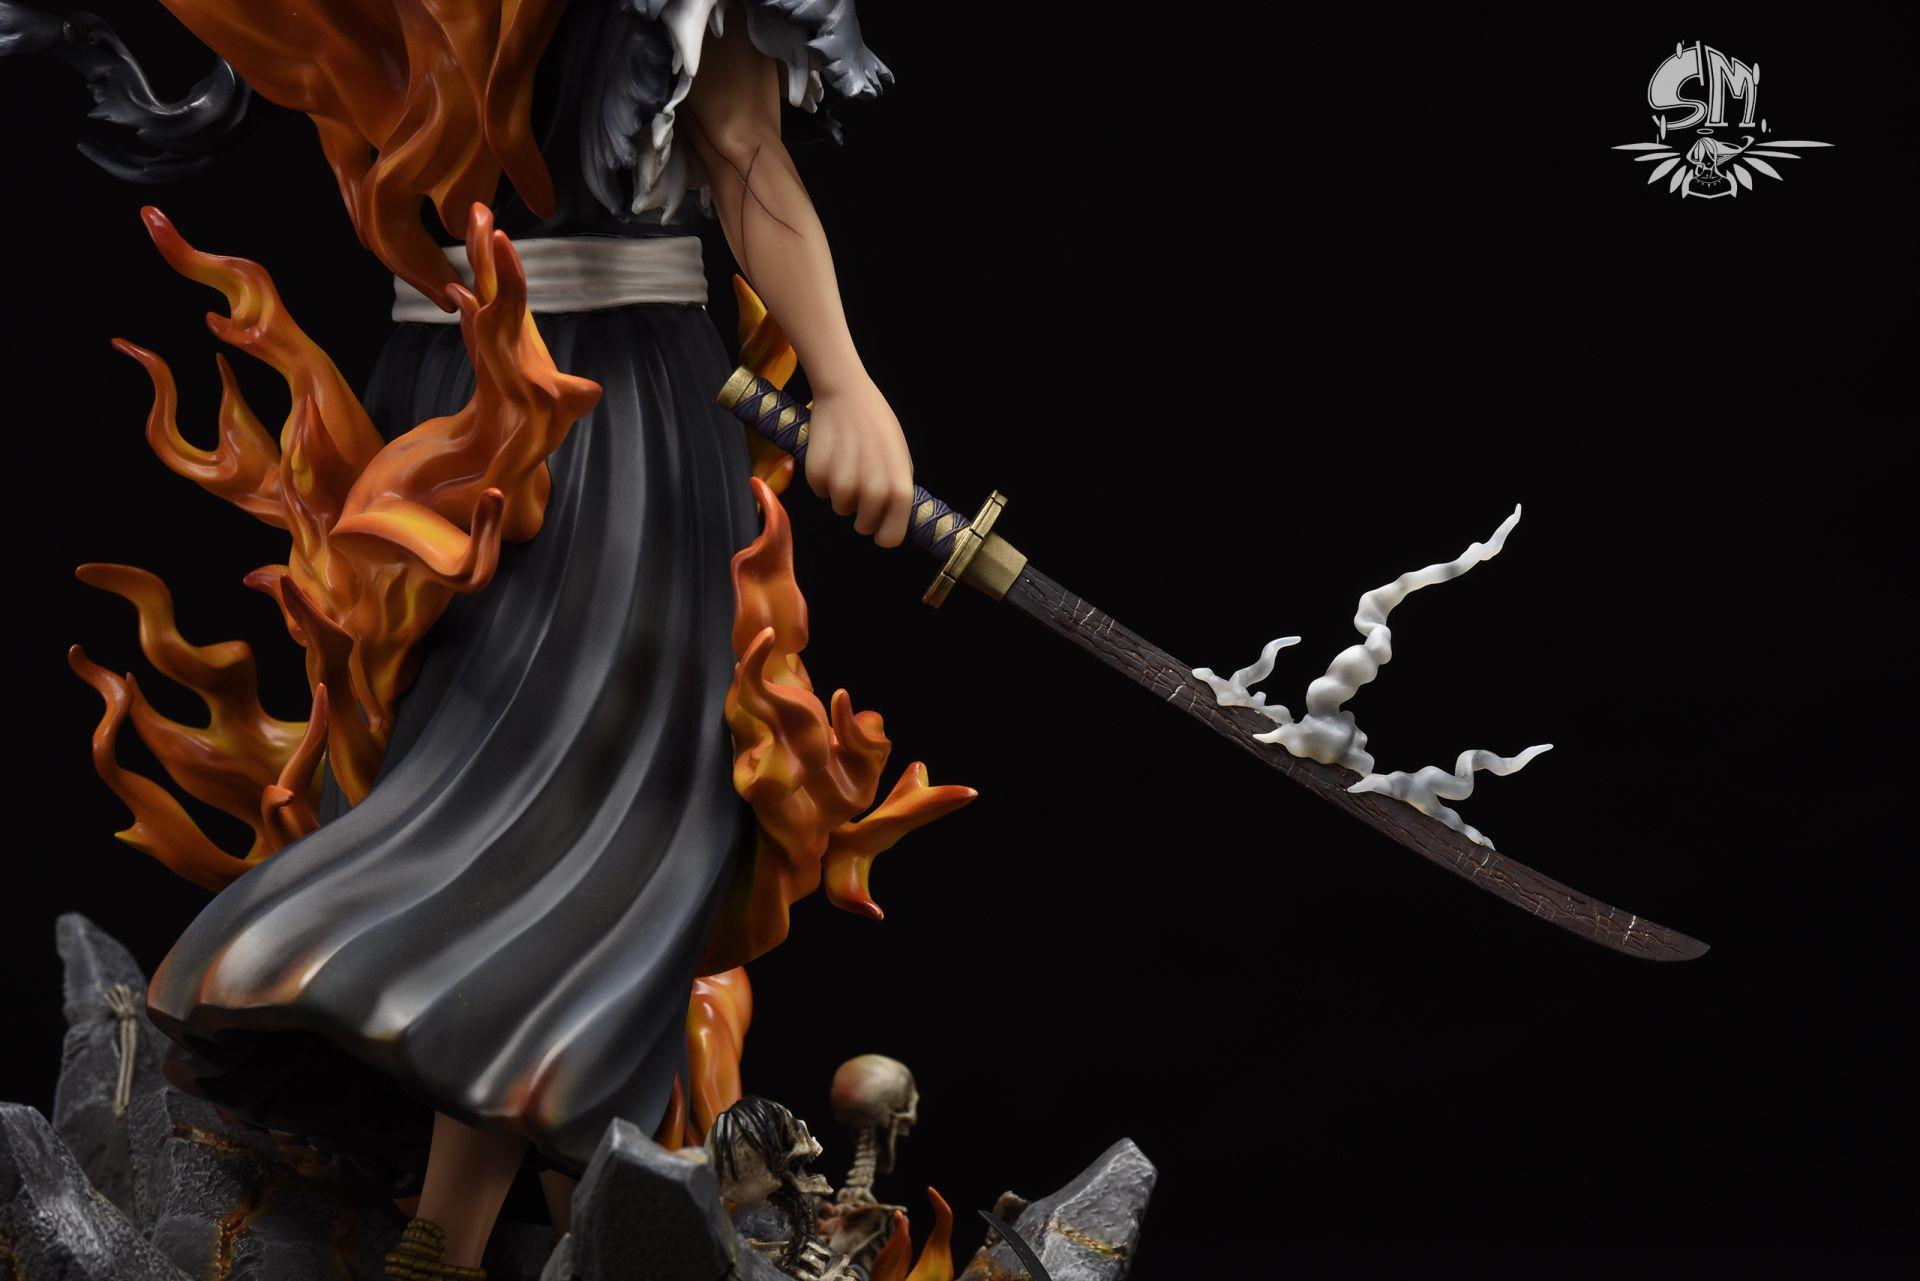 拿着镰刀的骷髅死神插画矢量图片(图片ID:... _ 聚图网 JUIMG.COM